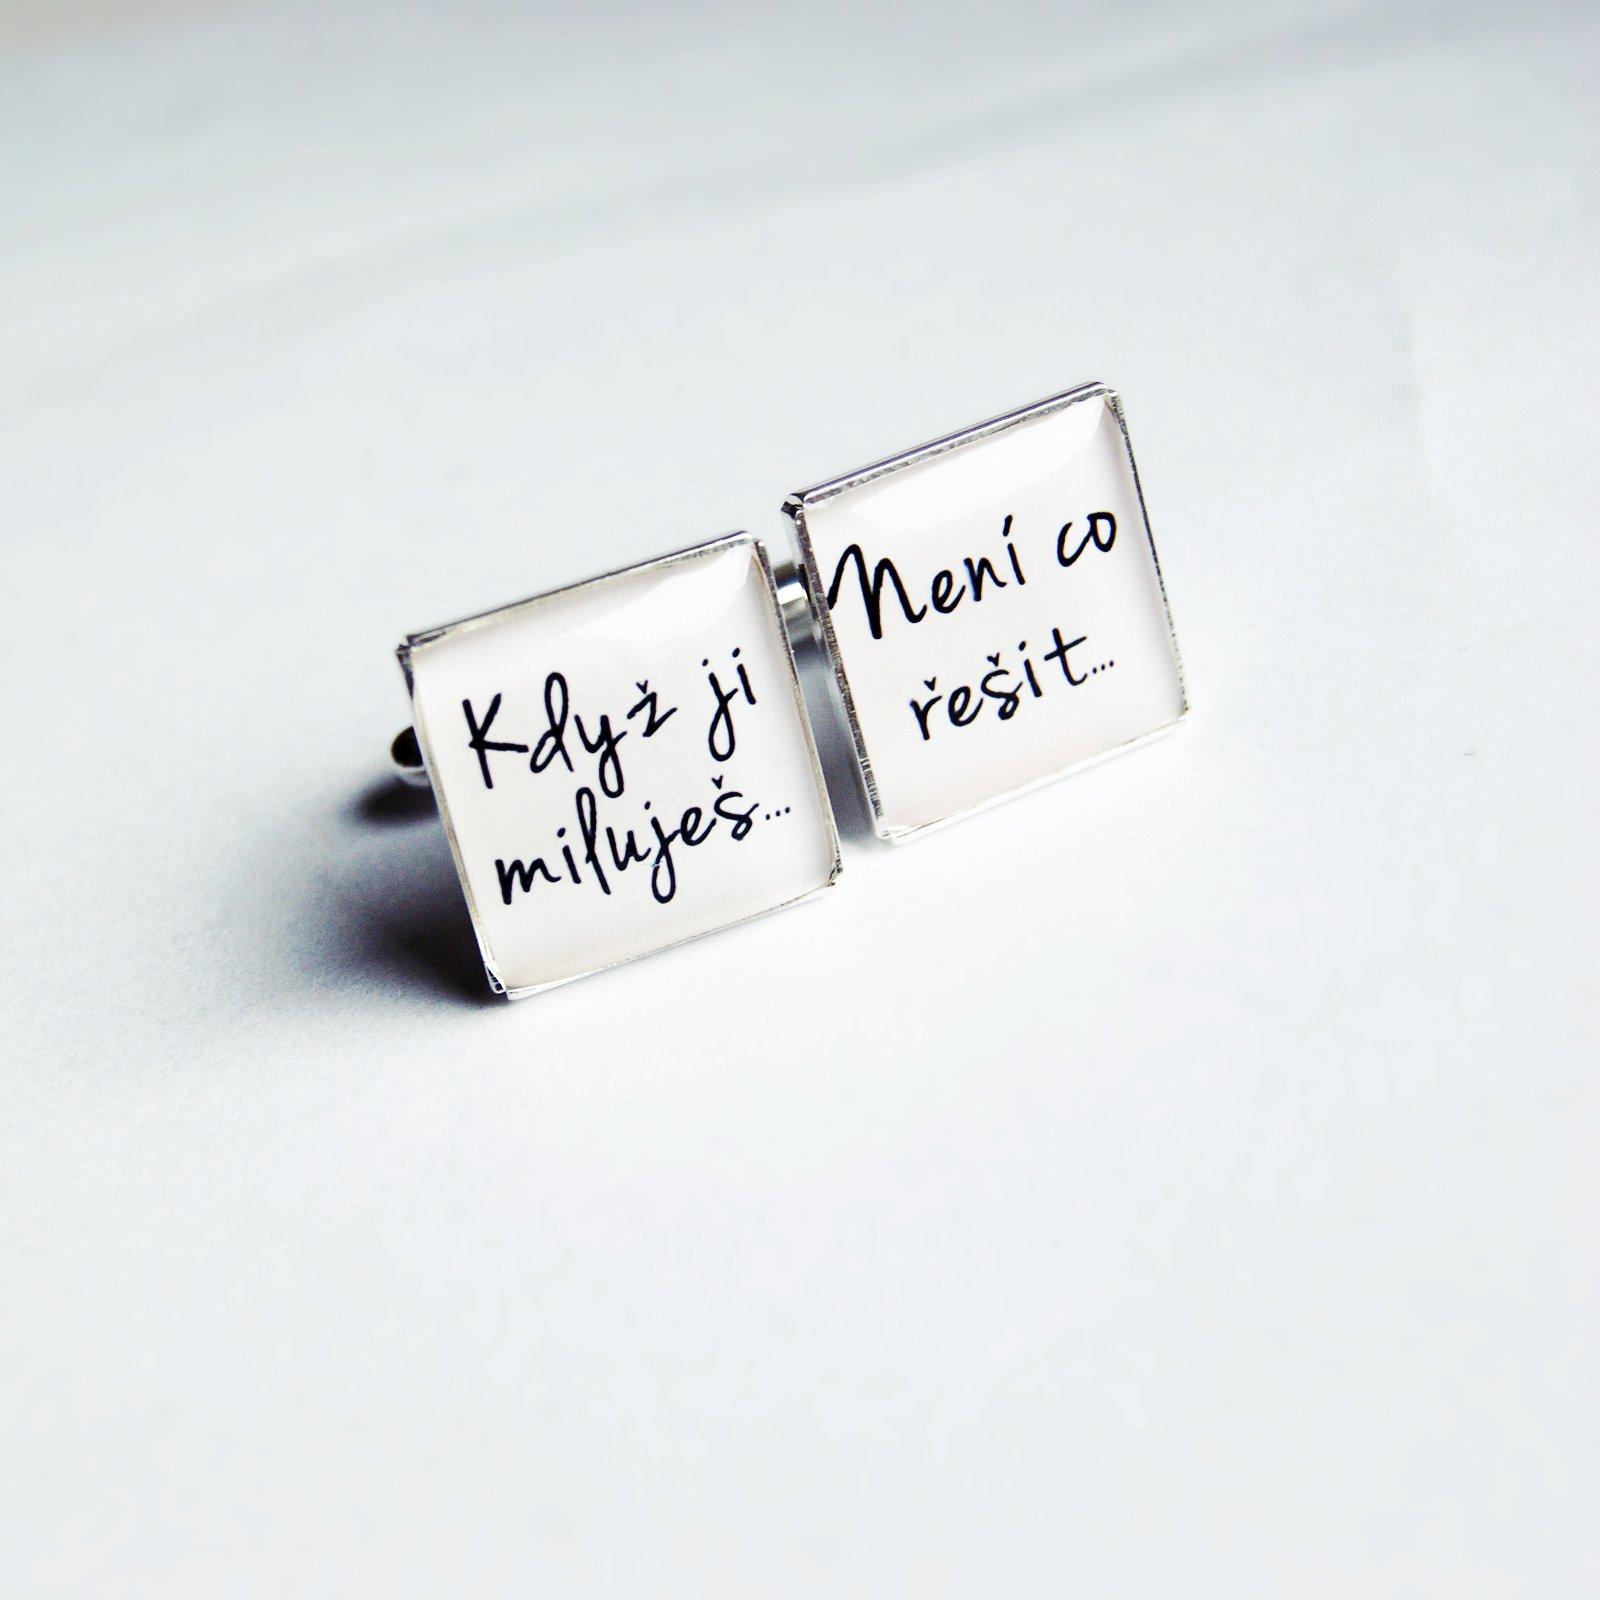 Vánoce - Nestihli jste svůj Vánoční nákup u nás? Nezoufejte, máme ještě nějaké zamilované šperky skladem! Třeba tyto oblíbené manžetky. http://bit.ly/vanocni_skladovky Najdete nás také na těchto Vánočních marketech: MINT MARKET 10.12. - Pražská tržnice DYZAJN